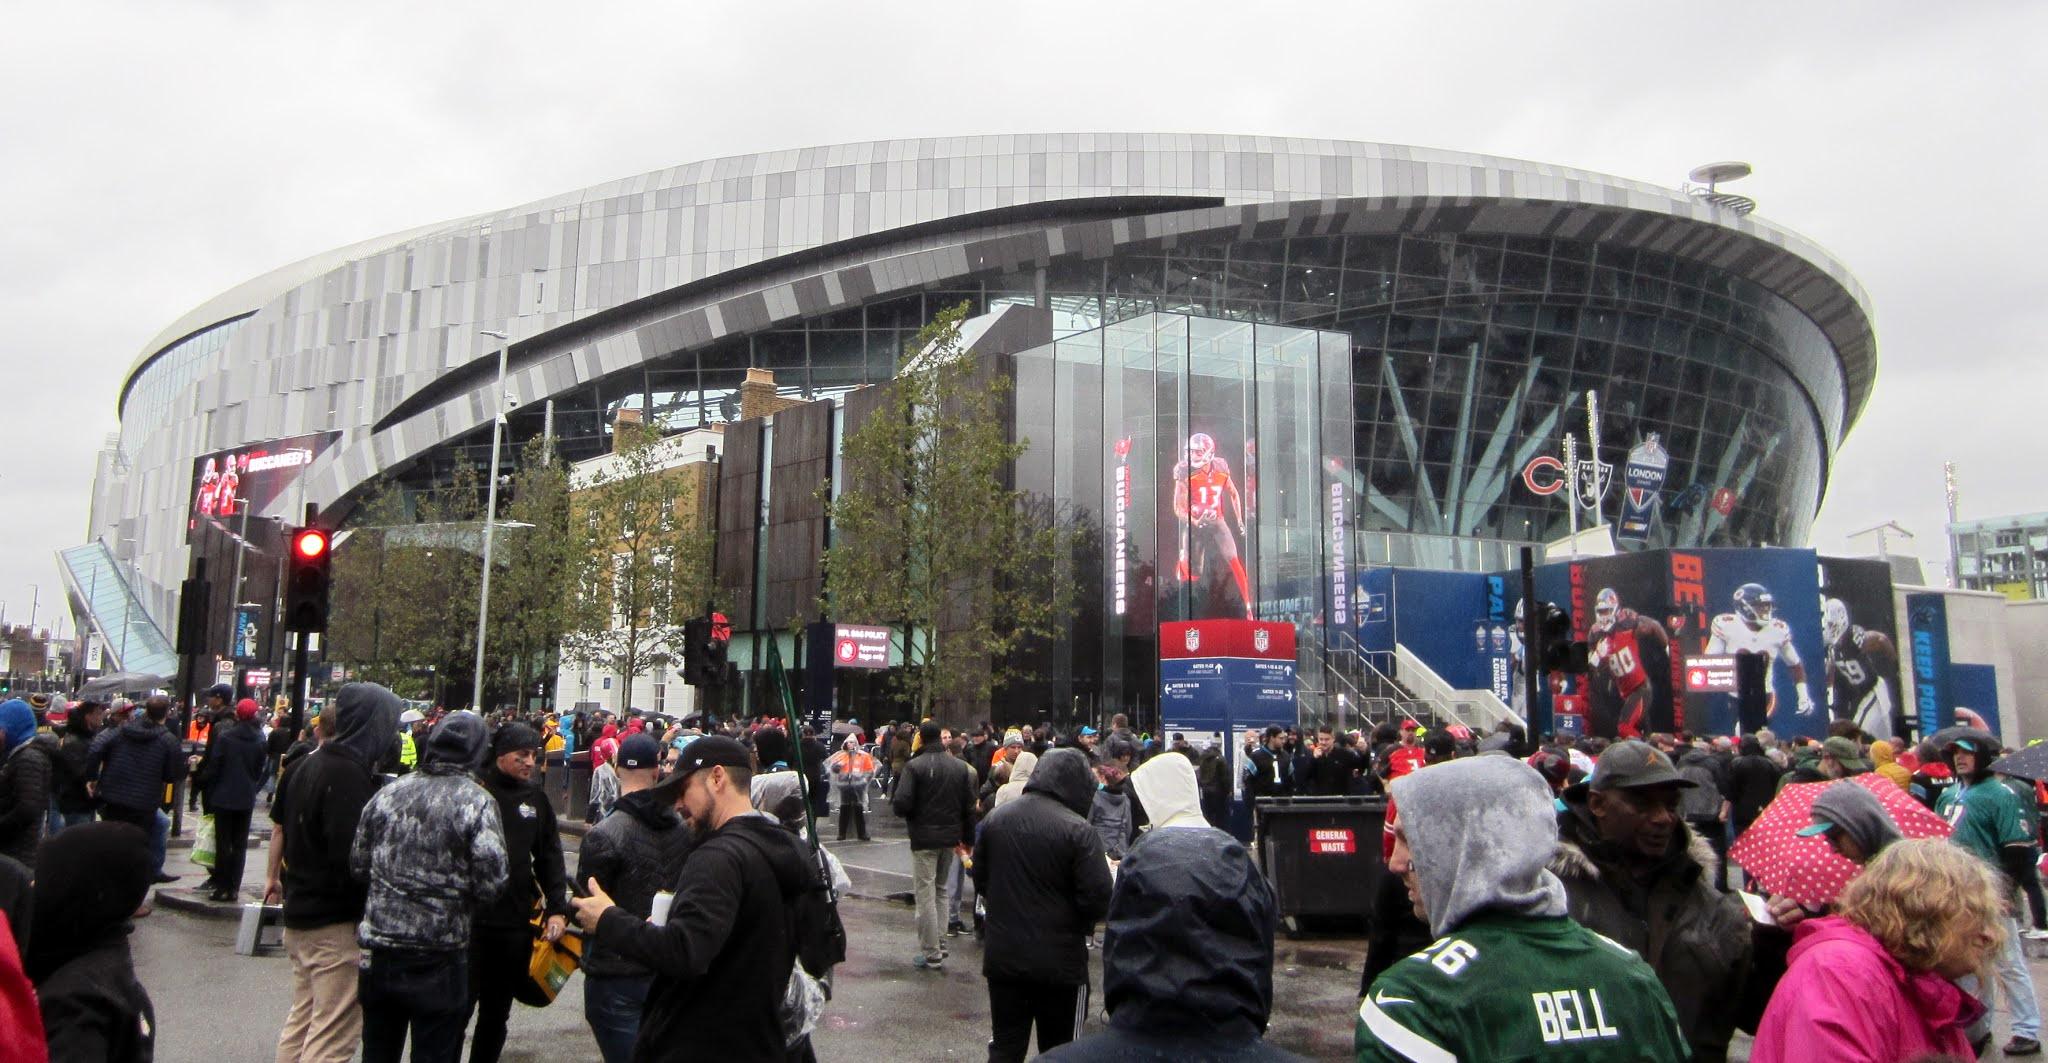 Tottenham Hotspur Stadium exterior for 2019 NFL London Games